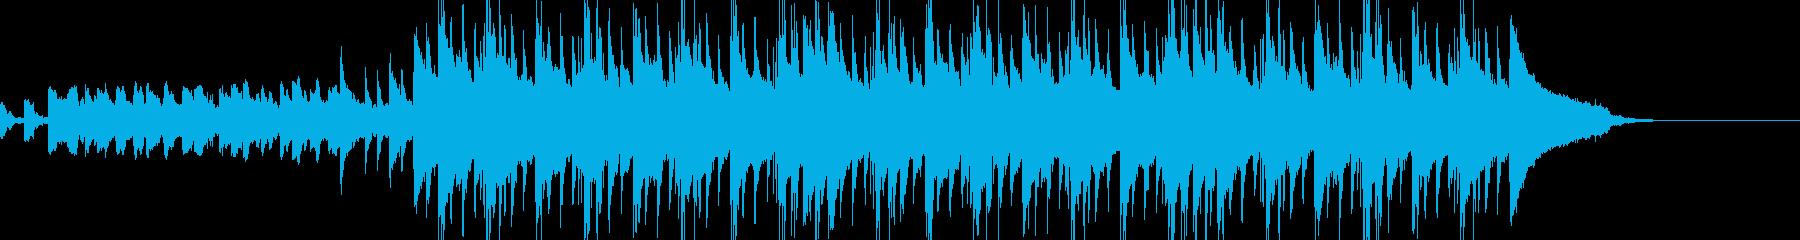 切ない旋律にグルーヴ感を加えたポップスの再生済みの波形